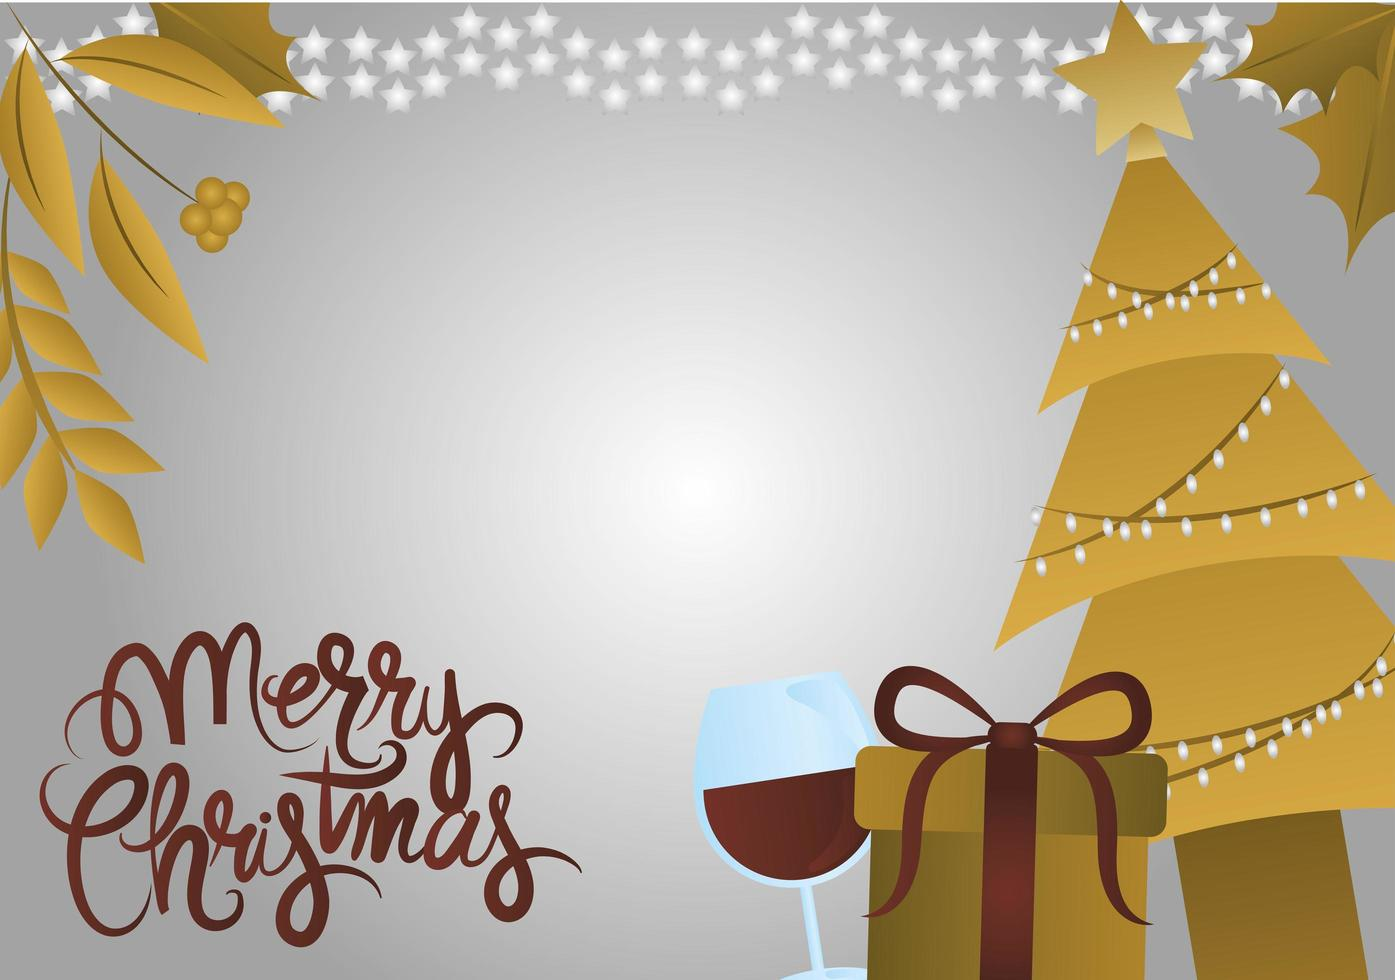 bannière de Noël de luxe ou carte de voeux vecteur